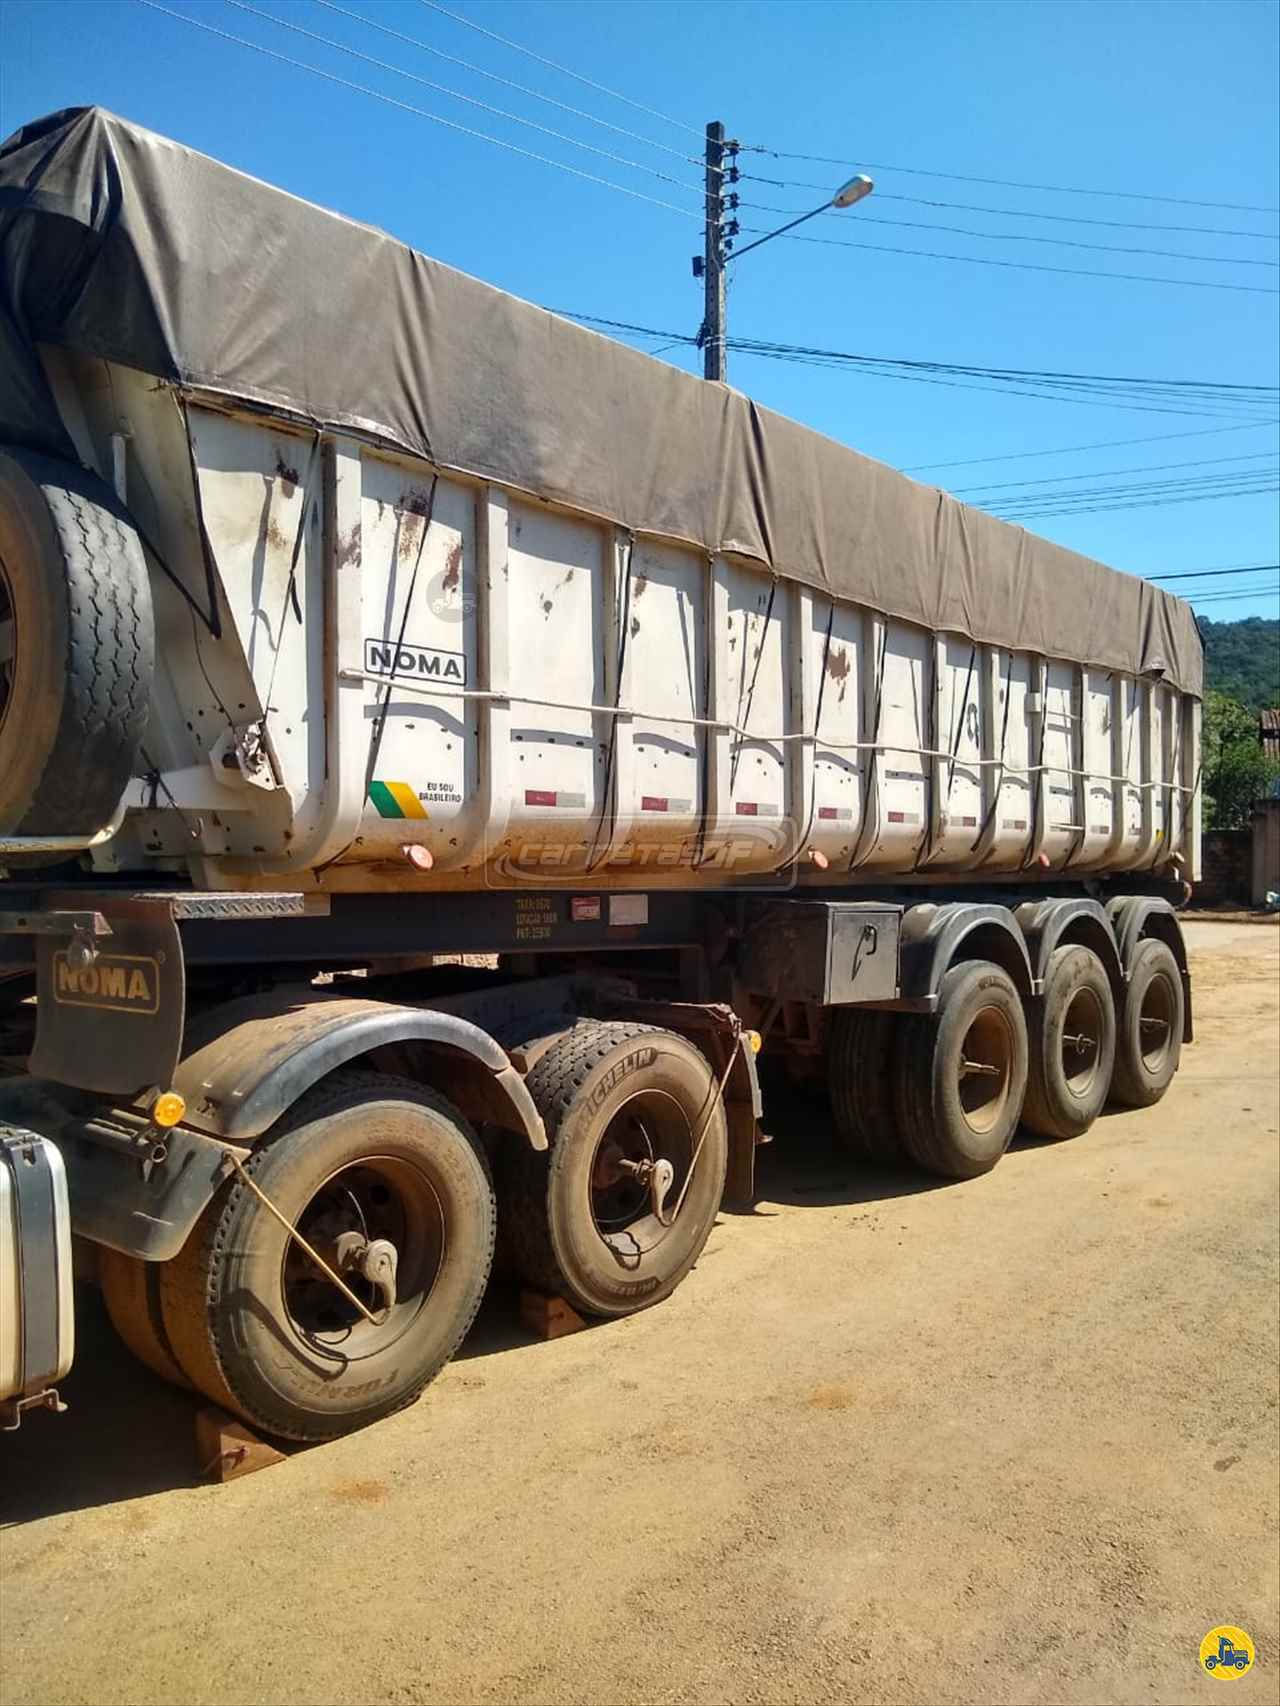 BASCULANTE de CARRETAS DF - NOMA - BRASILIA/DF